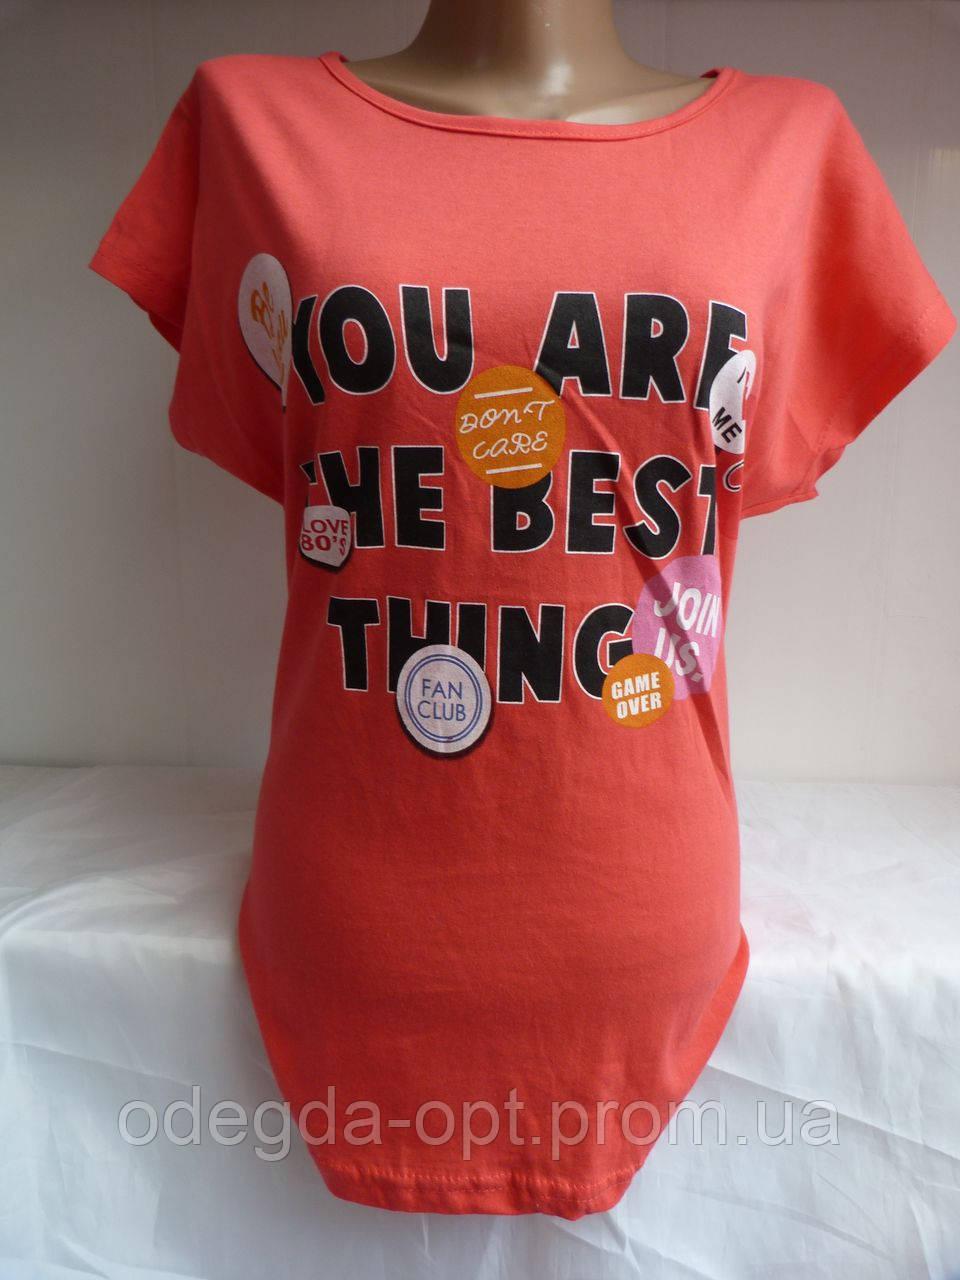 1a619dbb7bc0ad9 Футболка женская котон Турция качественная купить оптом в Одессе - Интернет-магазин  одежды «Одежда